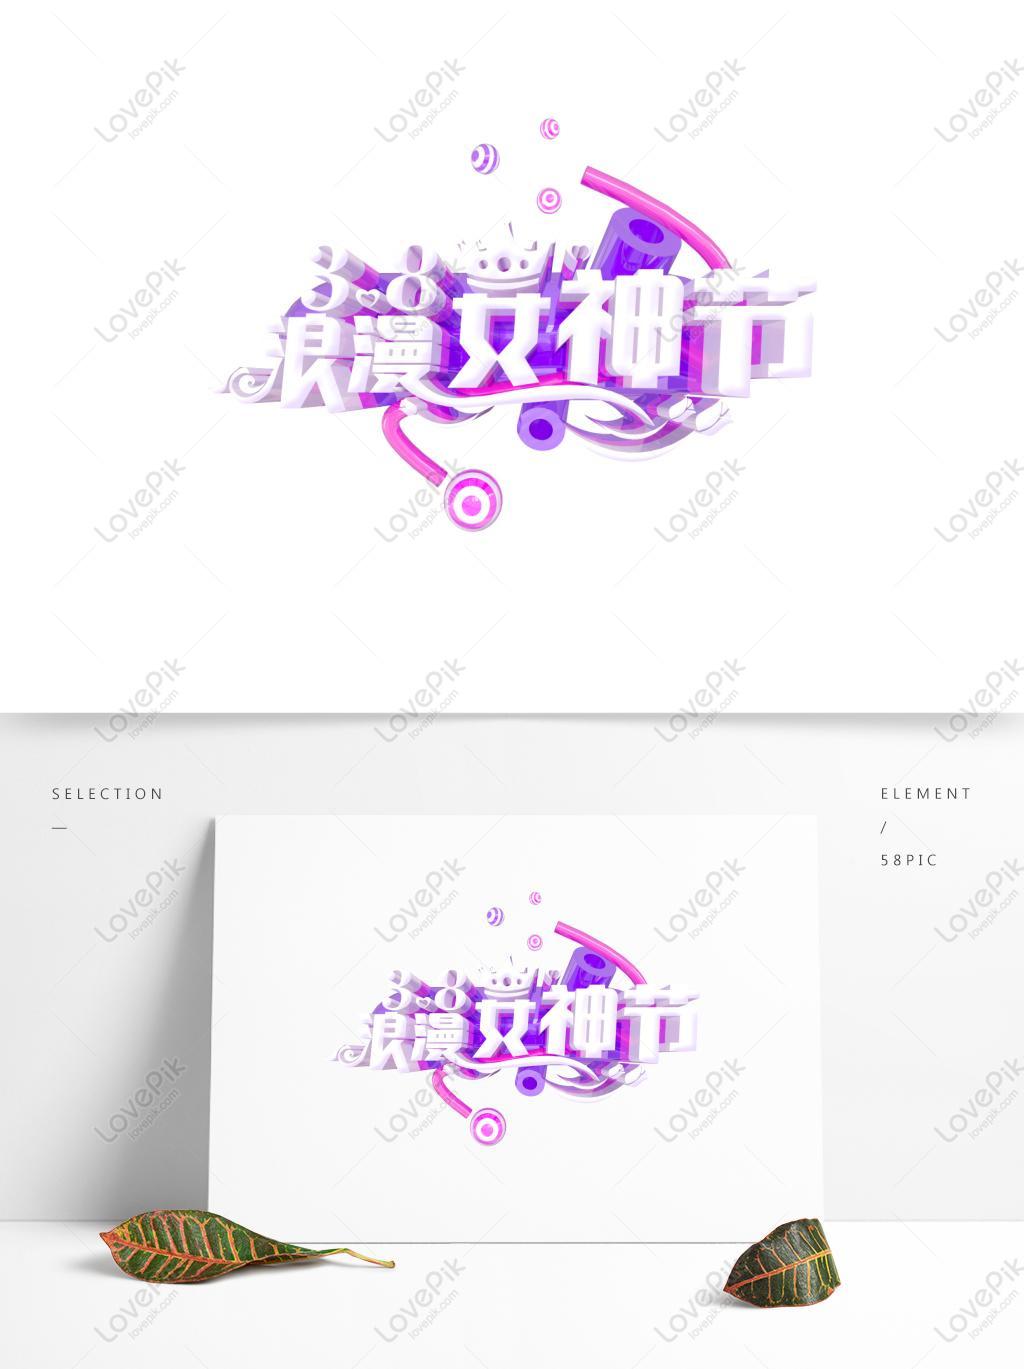 38女王节女神节艺术字文案设计文字排版图片素材-psd